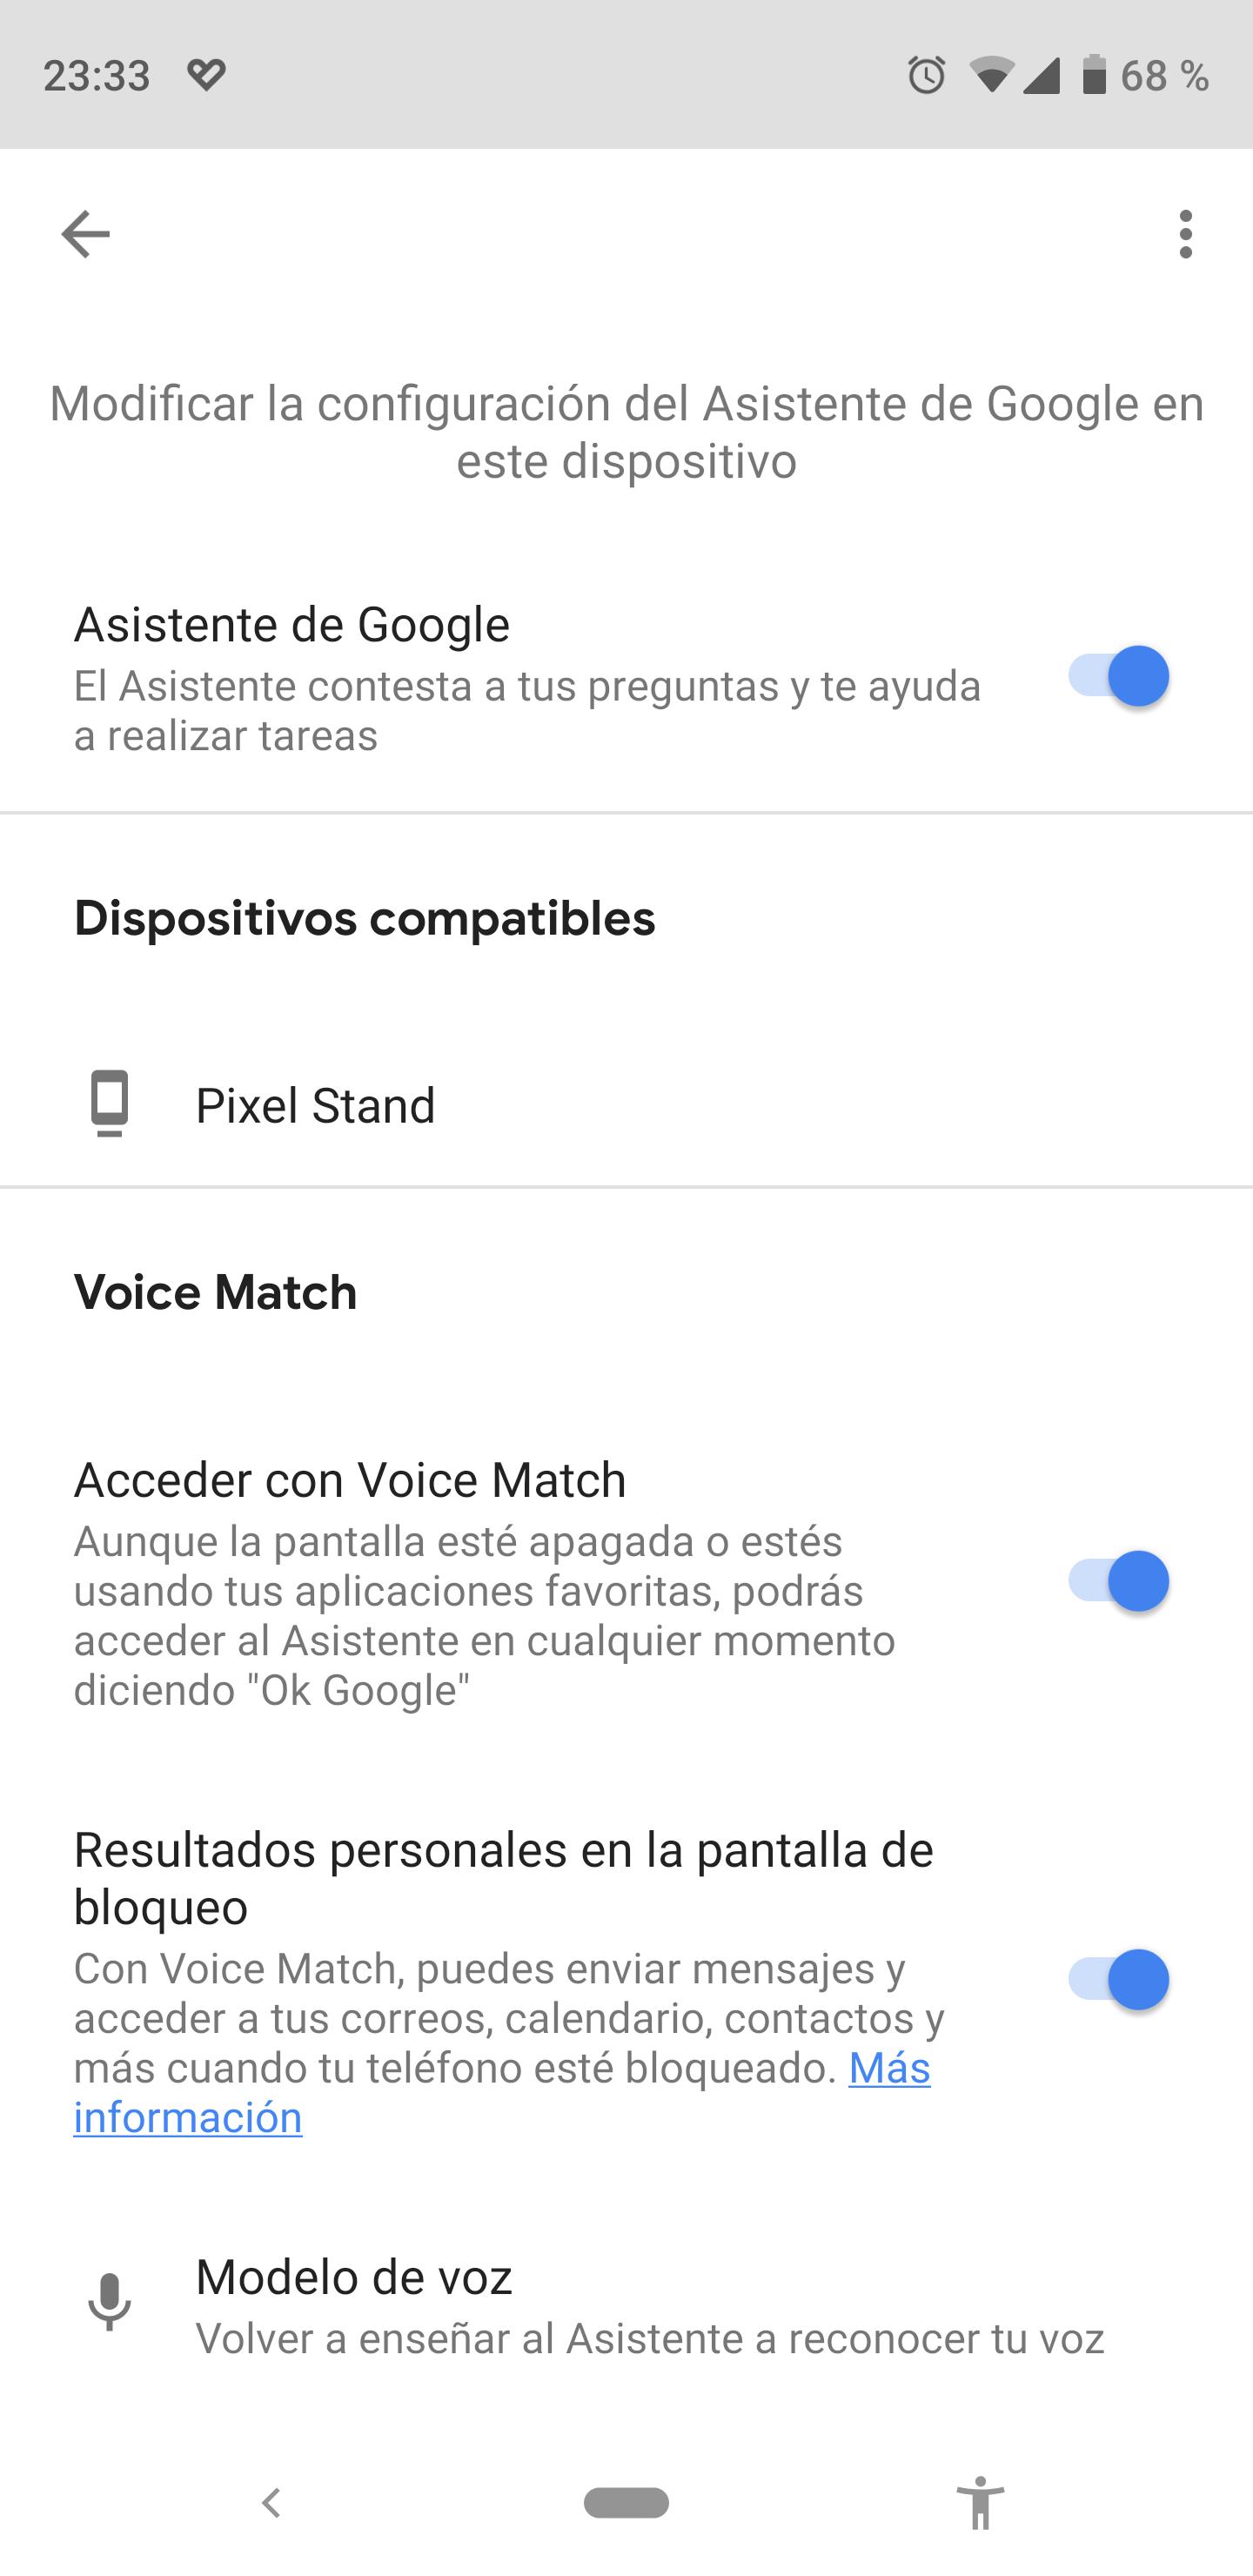 Vô hiệu hóa Google Assistant trên Android